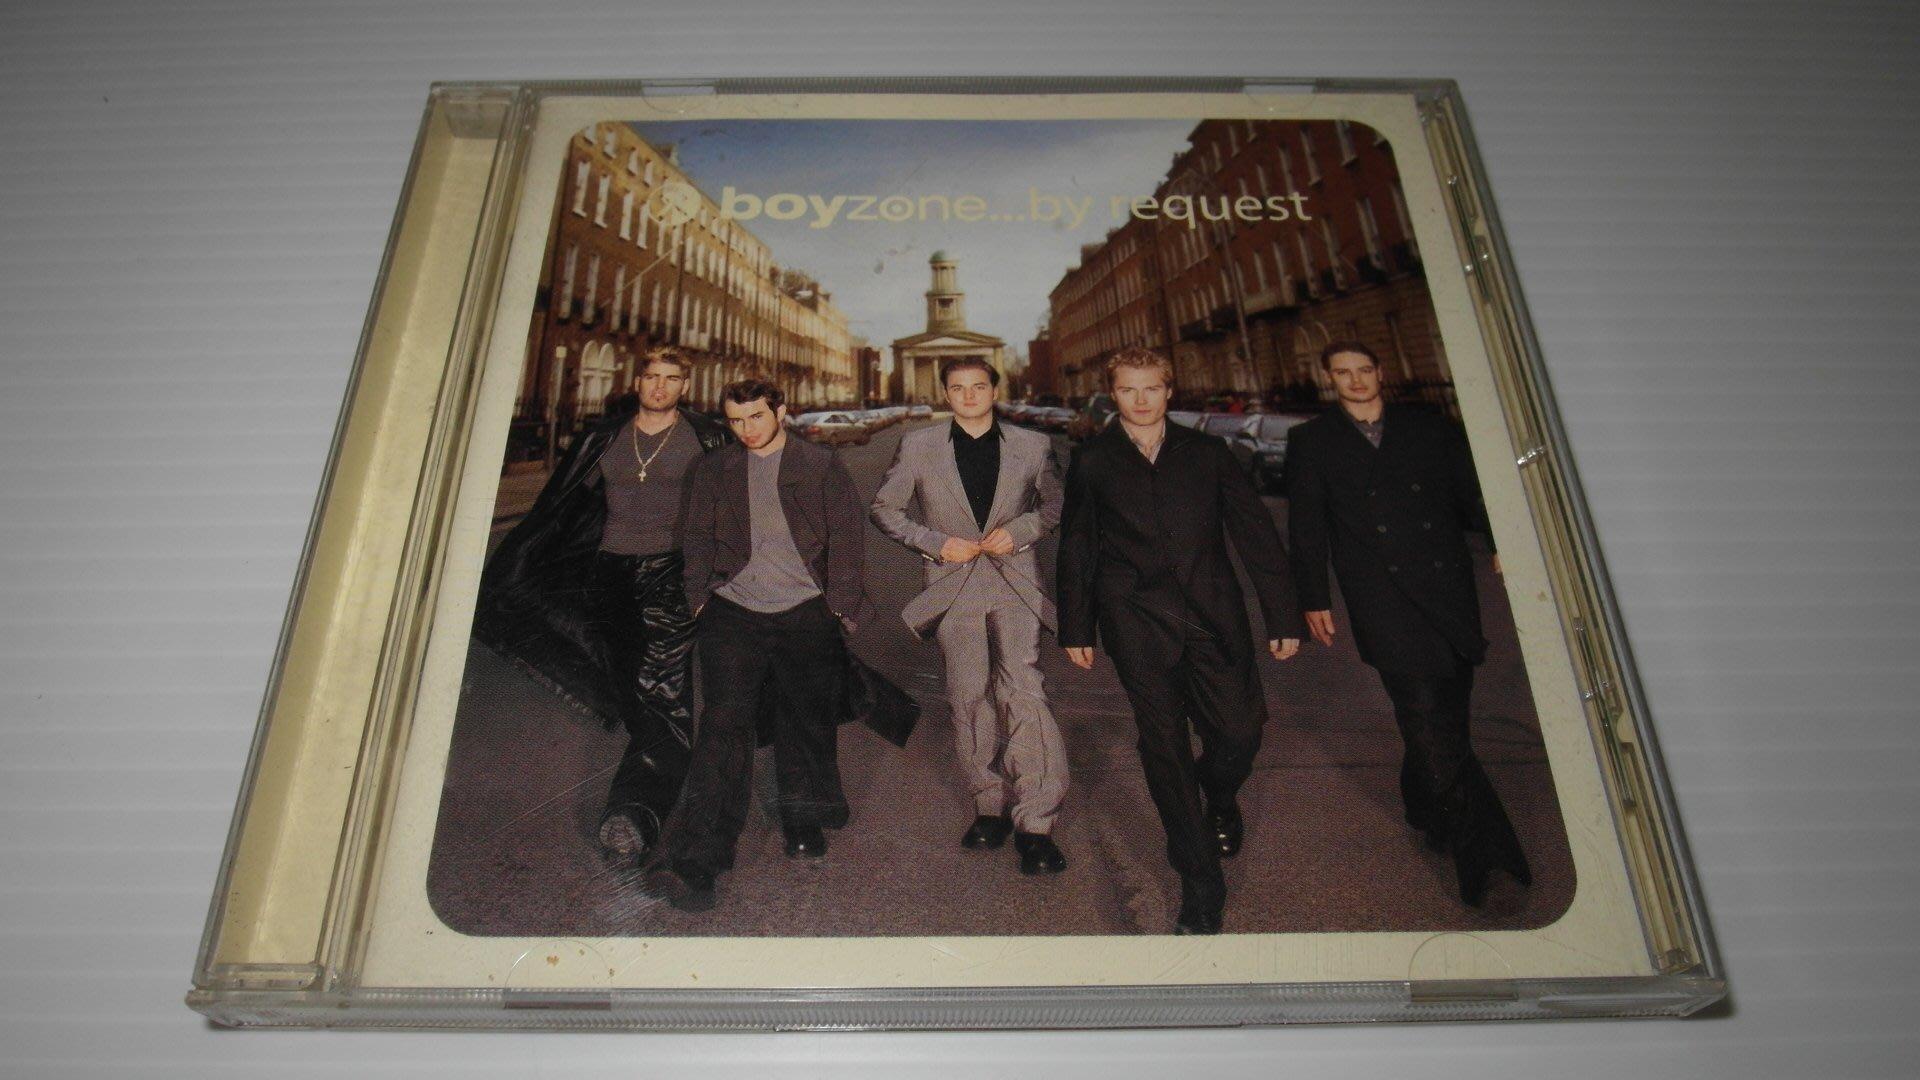 boyzone 男孩特區的音樂專輯by request  有歌詞 流行搖滾樂 CD片 保存佳 播放正常